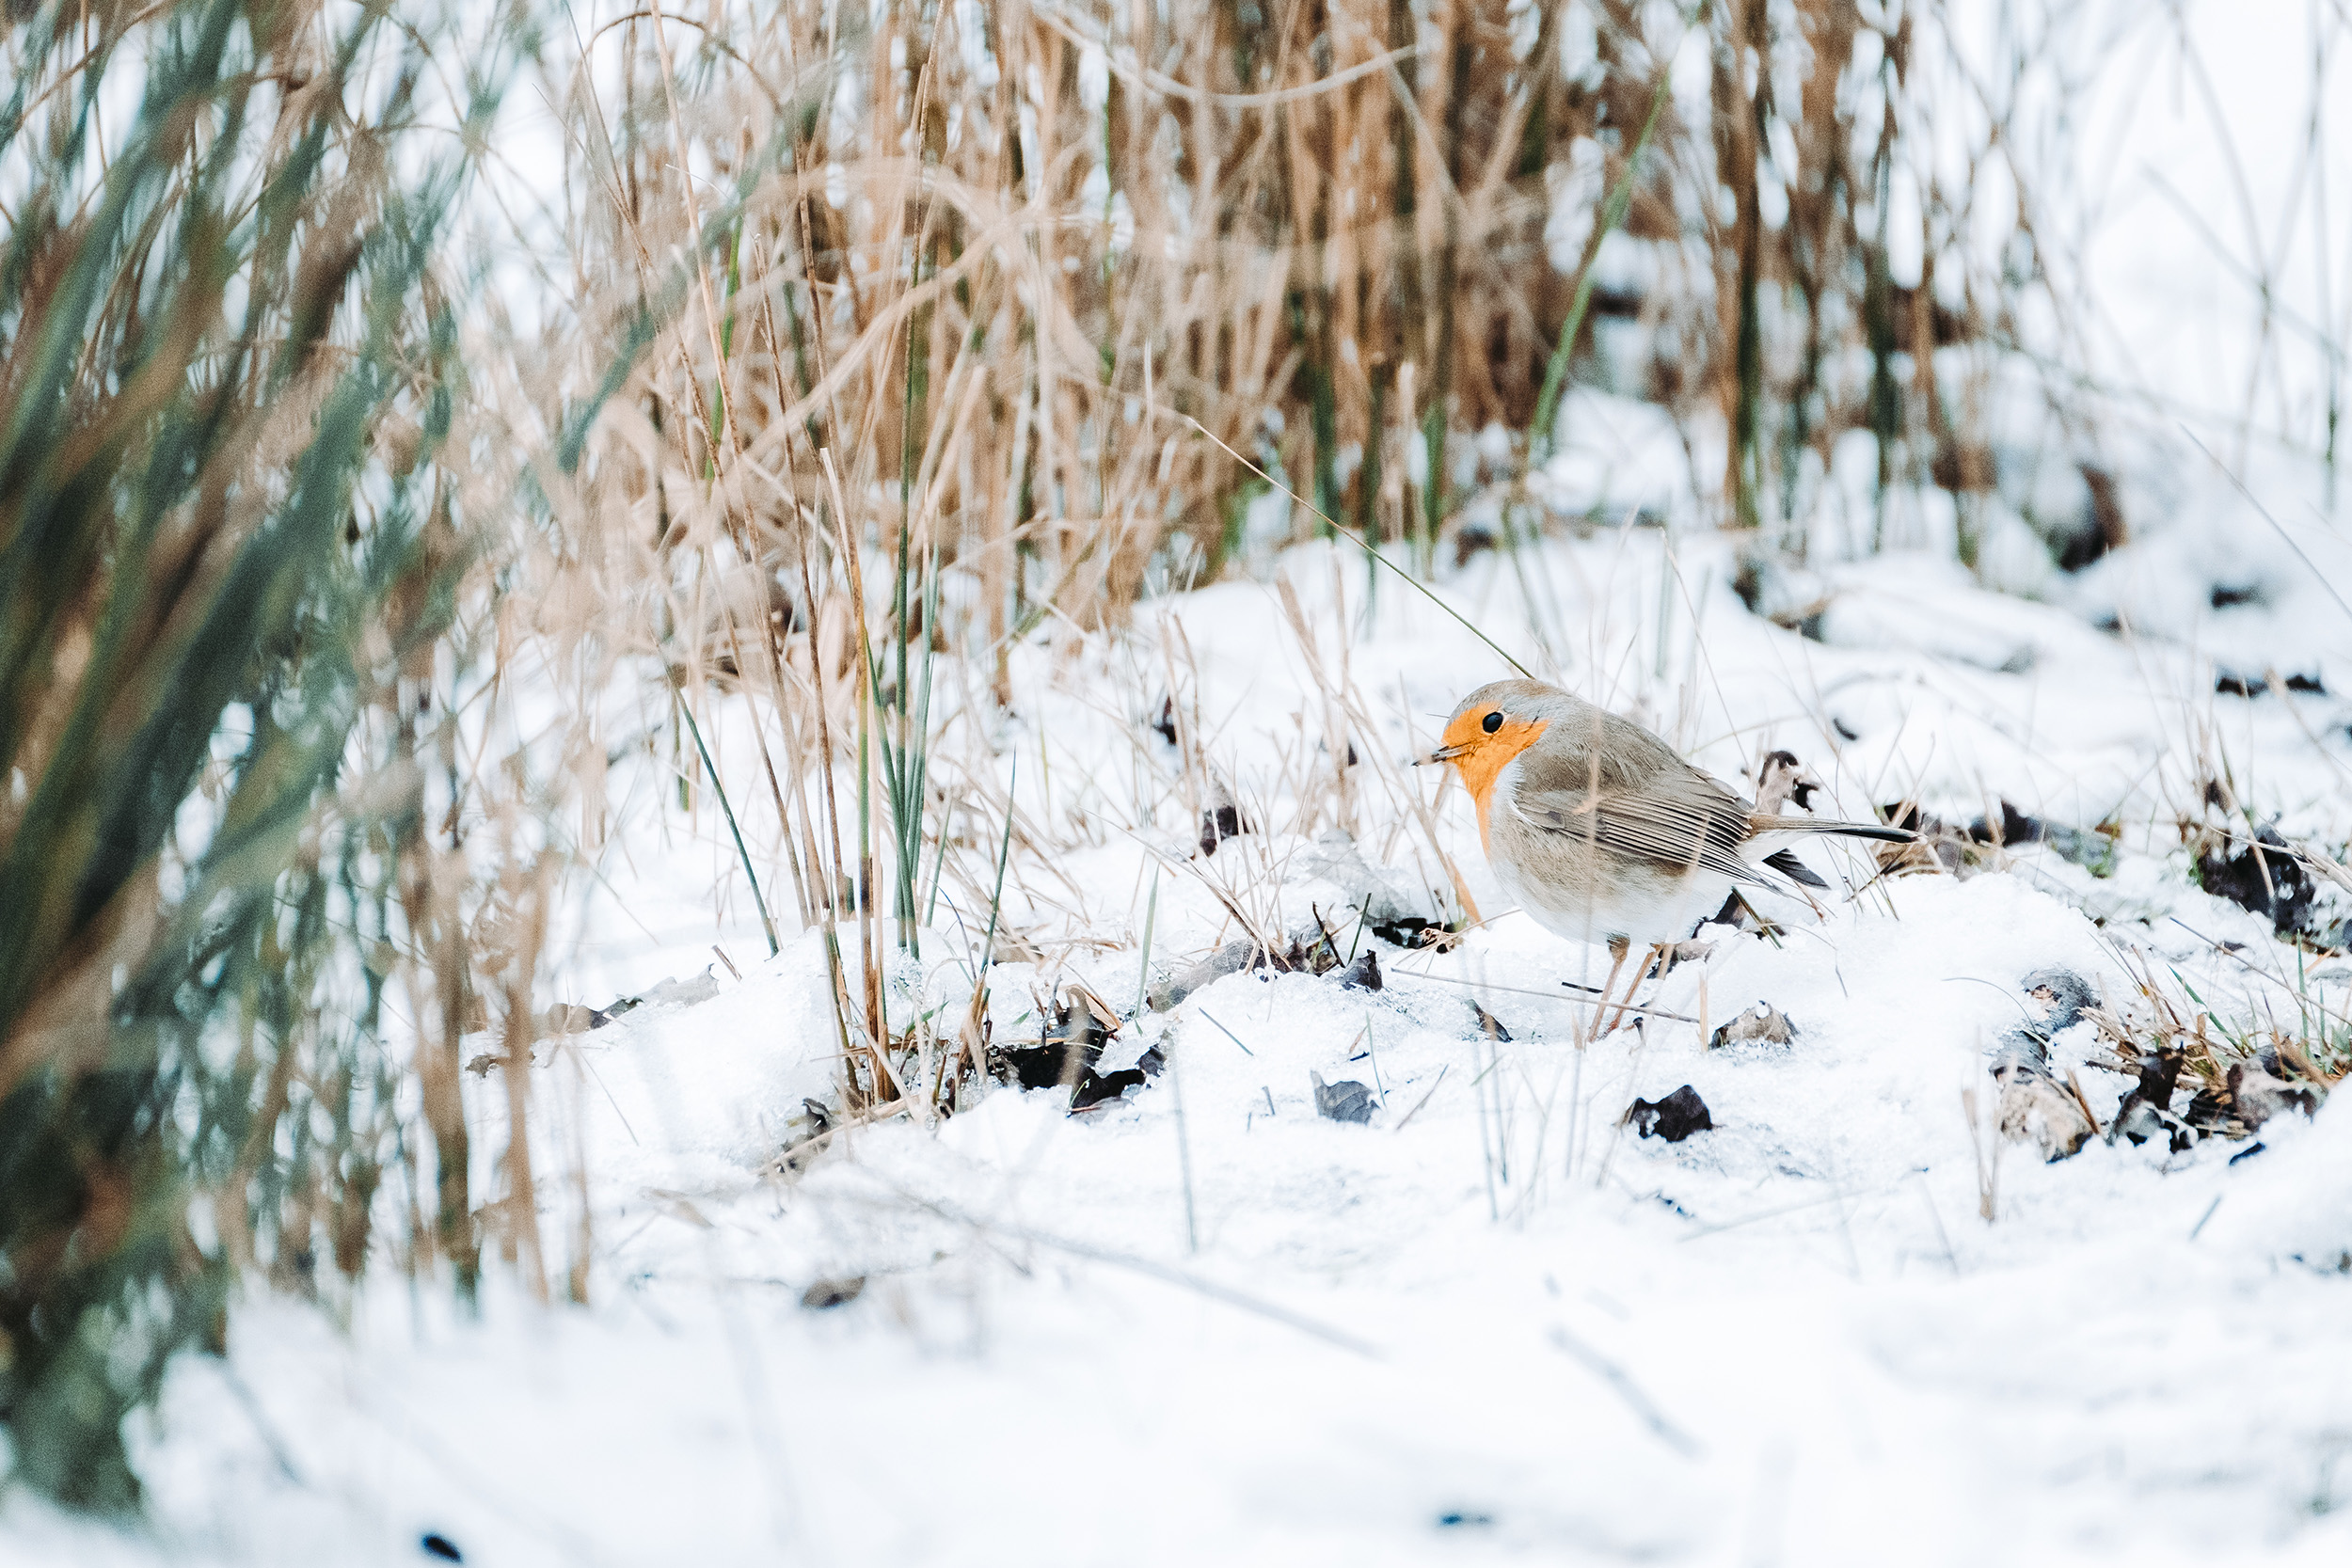 Waterleidingduinen Sneeuw-8.jpg